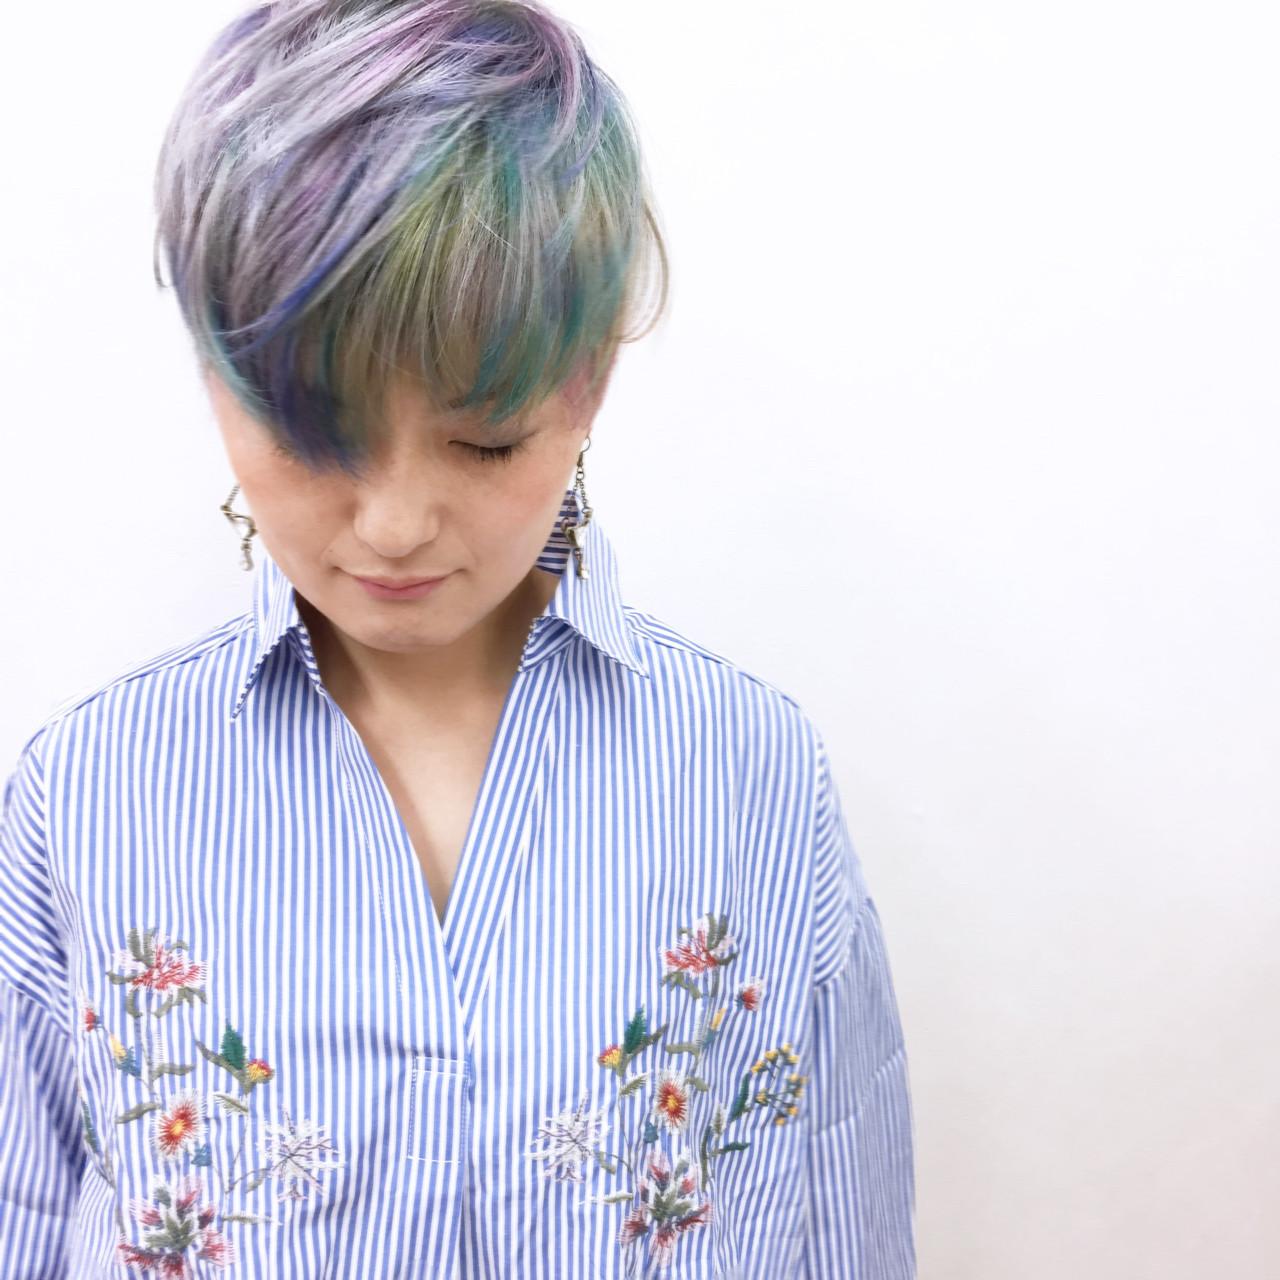 カラフルカラー 刈り上げ 個性的 モード ヘアスタイルや髪型の写真・画像